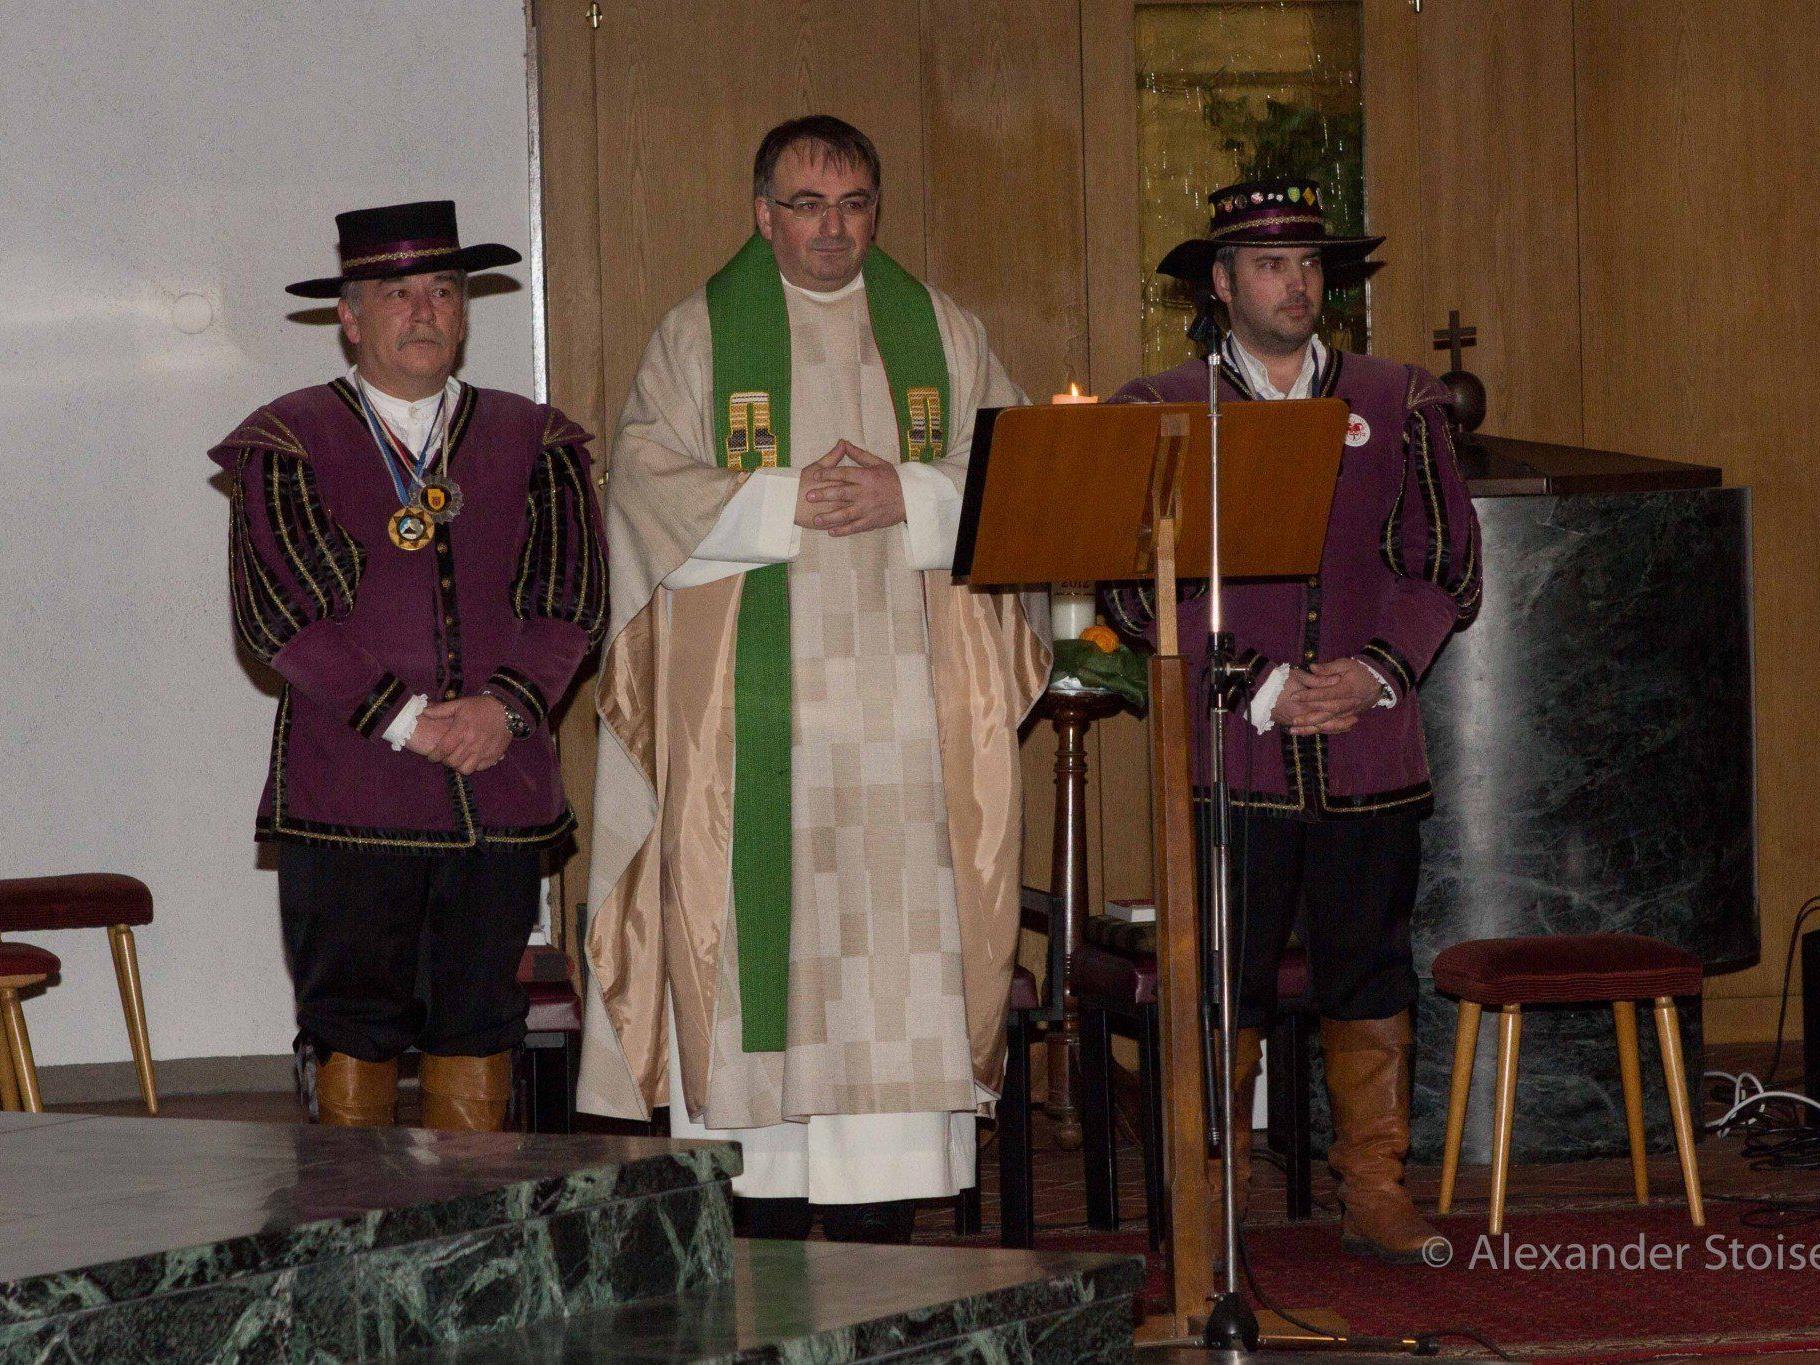 Pfarrer Tinkhauser mit den neuen Ministranten Heinz Scheider und Markus Pfefferkorn